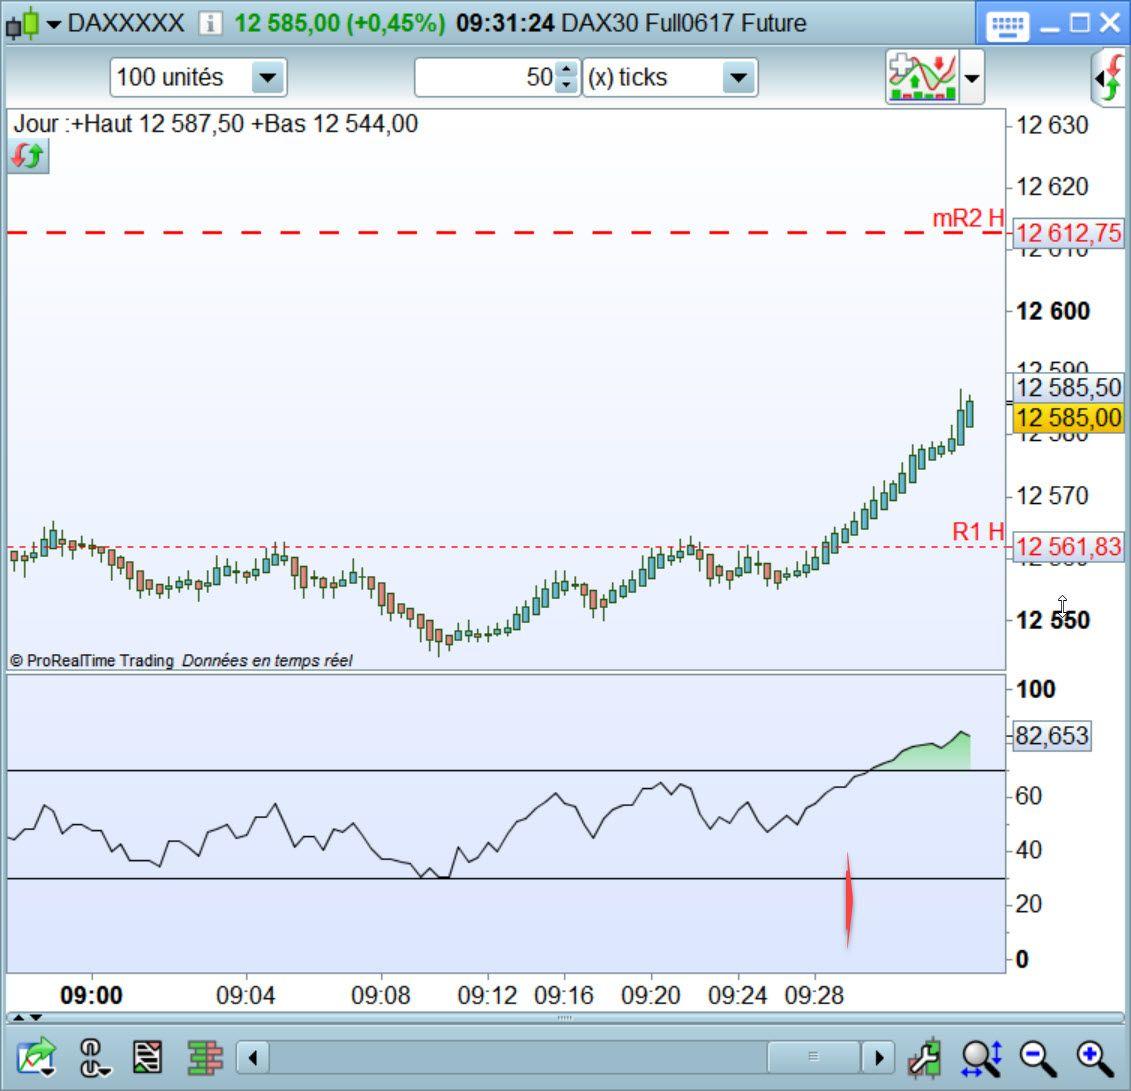 Forum Day Trading et Scalping - Page 6 https://www.andlil.com/forum/file-daytrading-et-scalping-du-jeudi-04-mai-t16460-50.html#p609848 break out annoncé en direct sur le #dax30 un grand classique